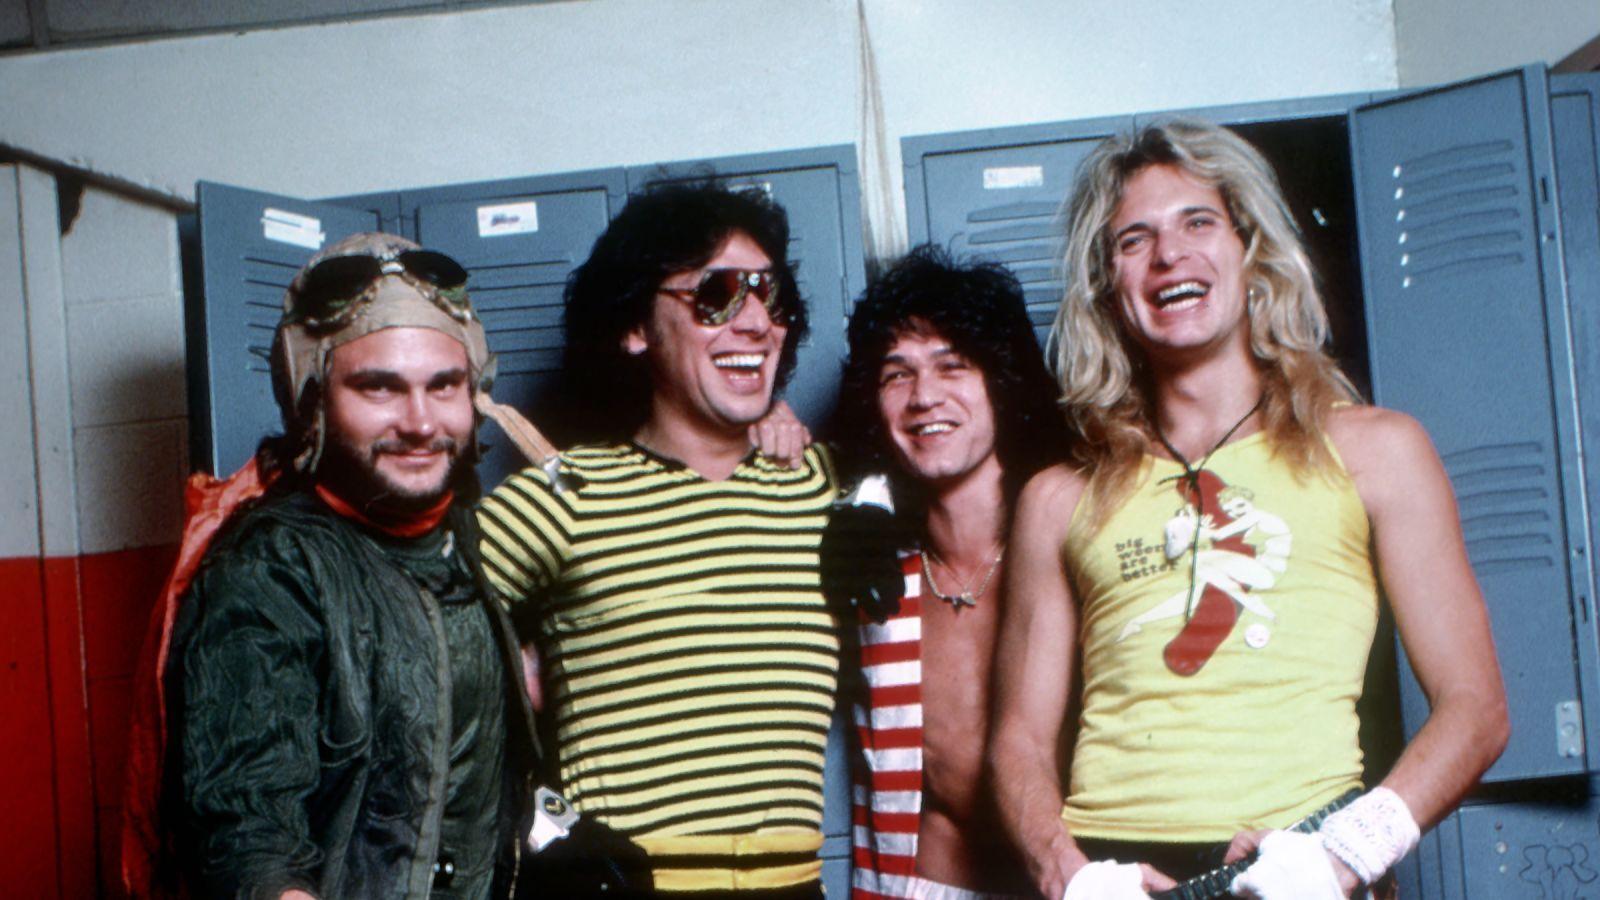 Pin By Sakura On Van Halen In 2020 Van Halen Eddie Van Halen Photoshoot